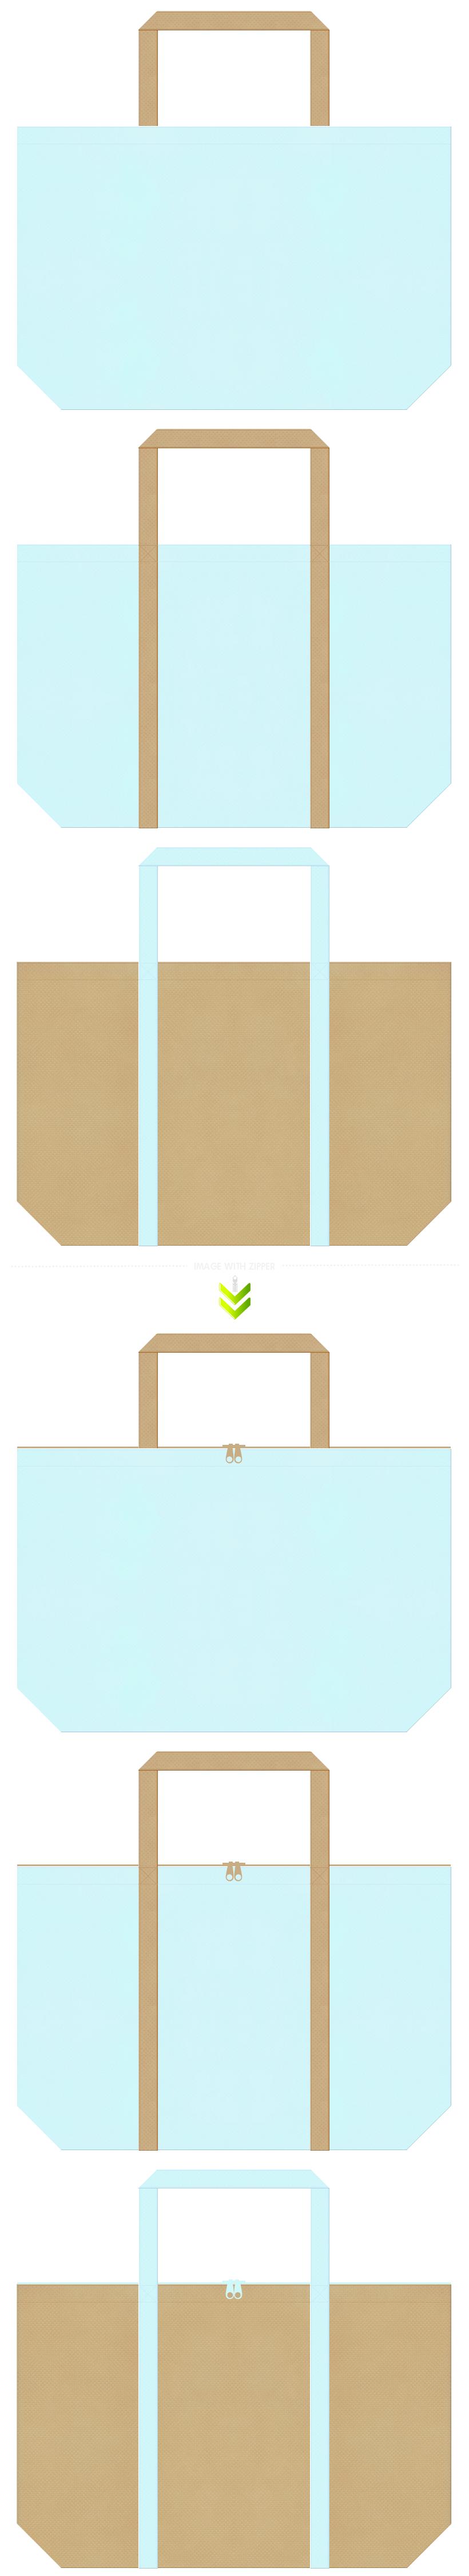 絵本・おとぎ話・手芸・ぬいぐるみ・ガーリーデザインの不織布ショッピングバッグにお奨め:水色とカーキ色のコーデ